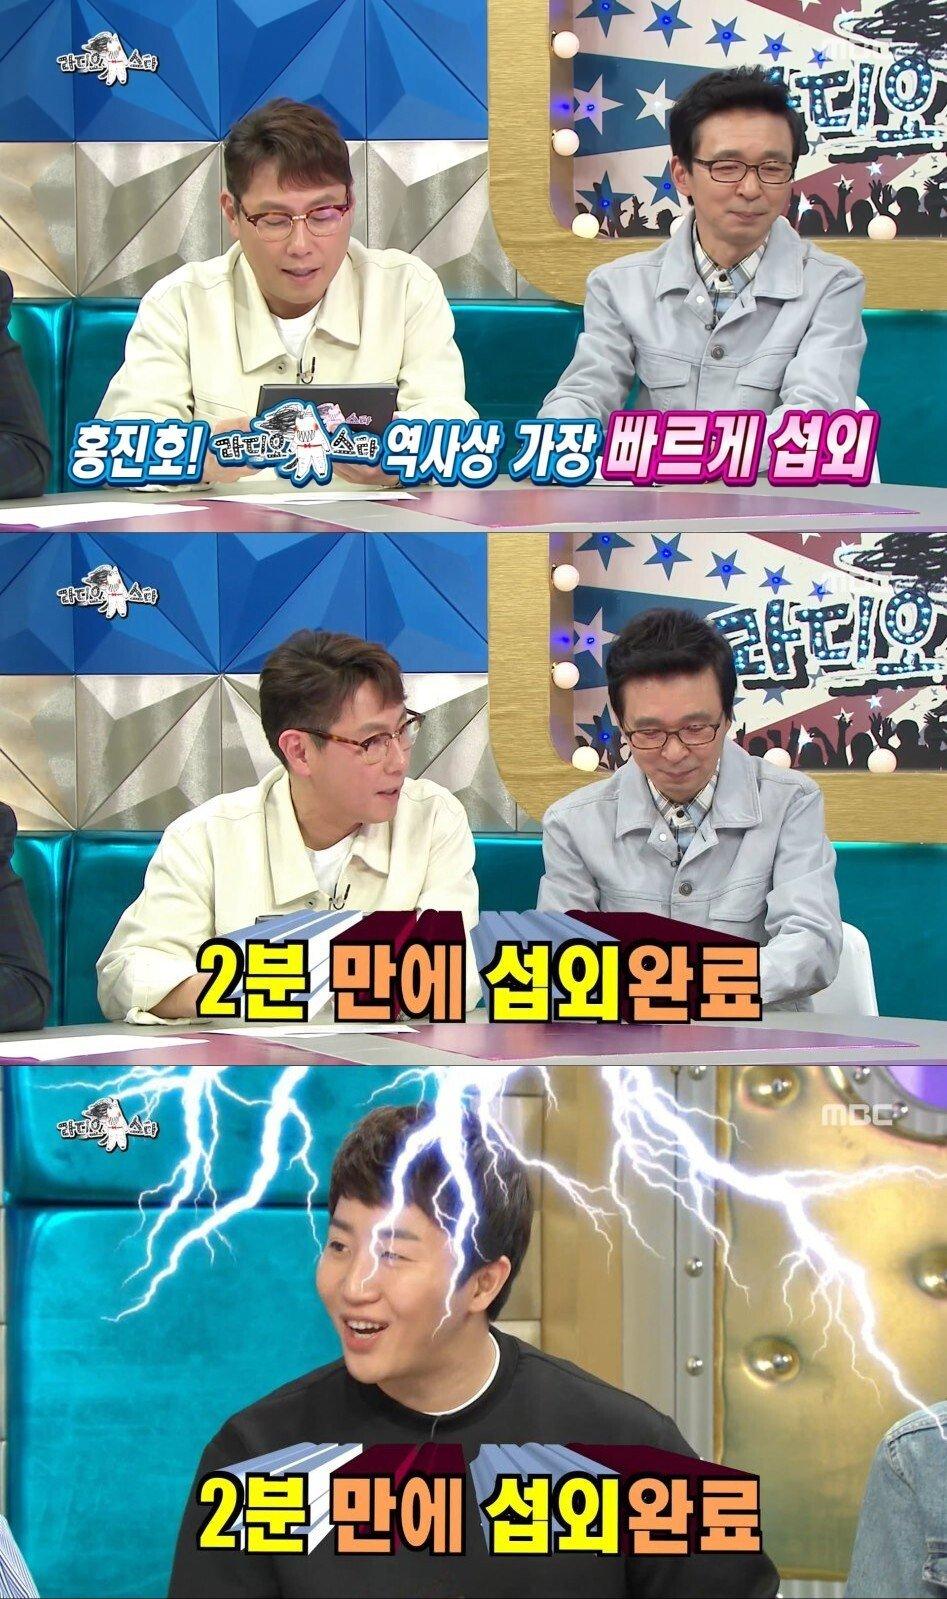 홍진호 방송 섭외 소요시간.jpg